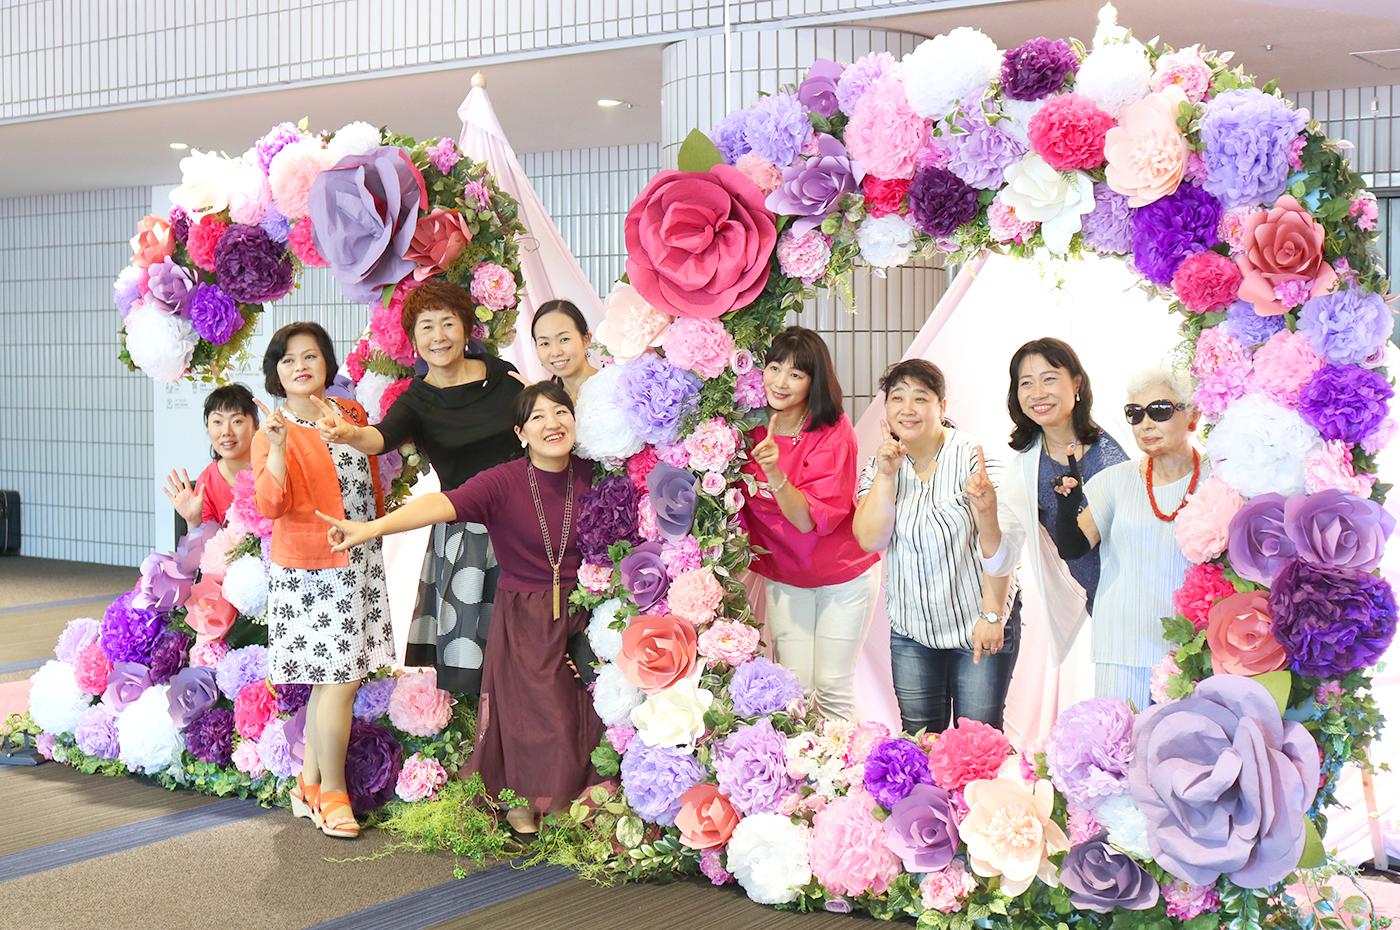 「ダイアナ ゴールデンプロポーションアワード2018」エントランス装花